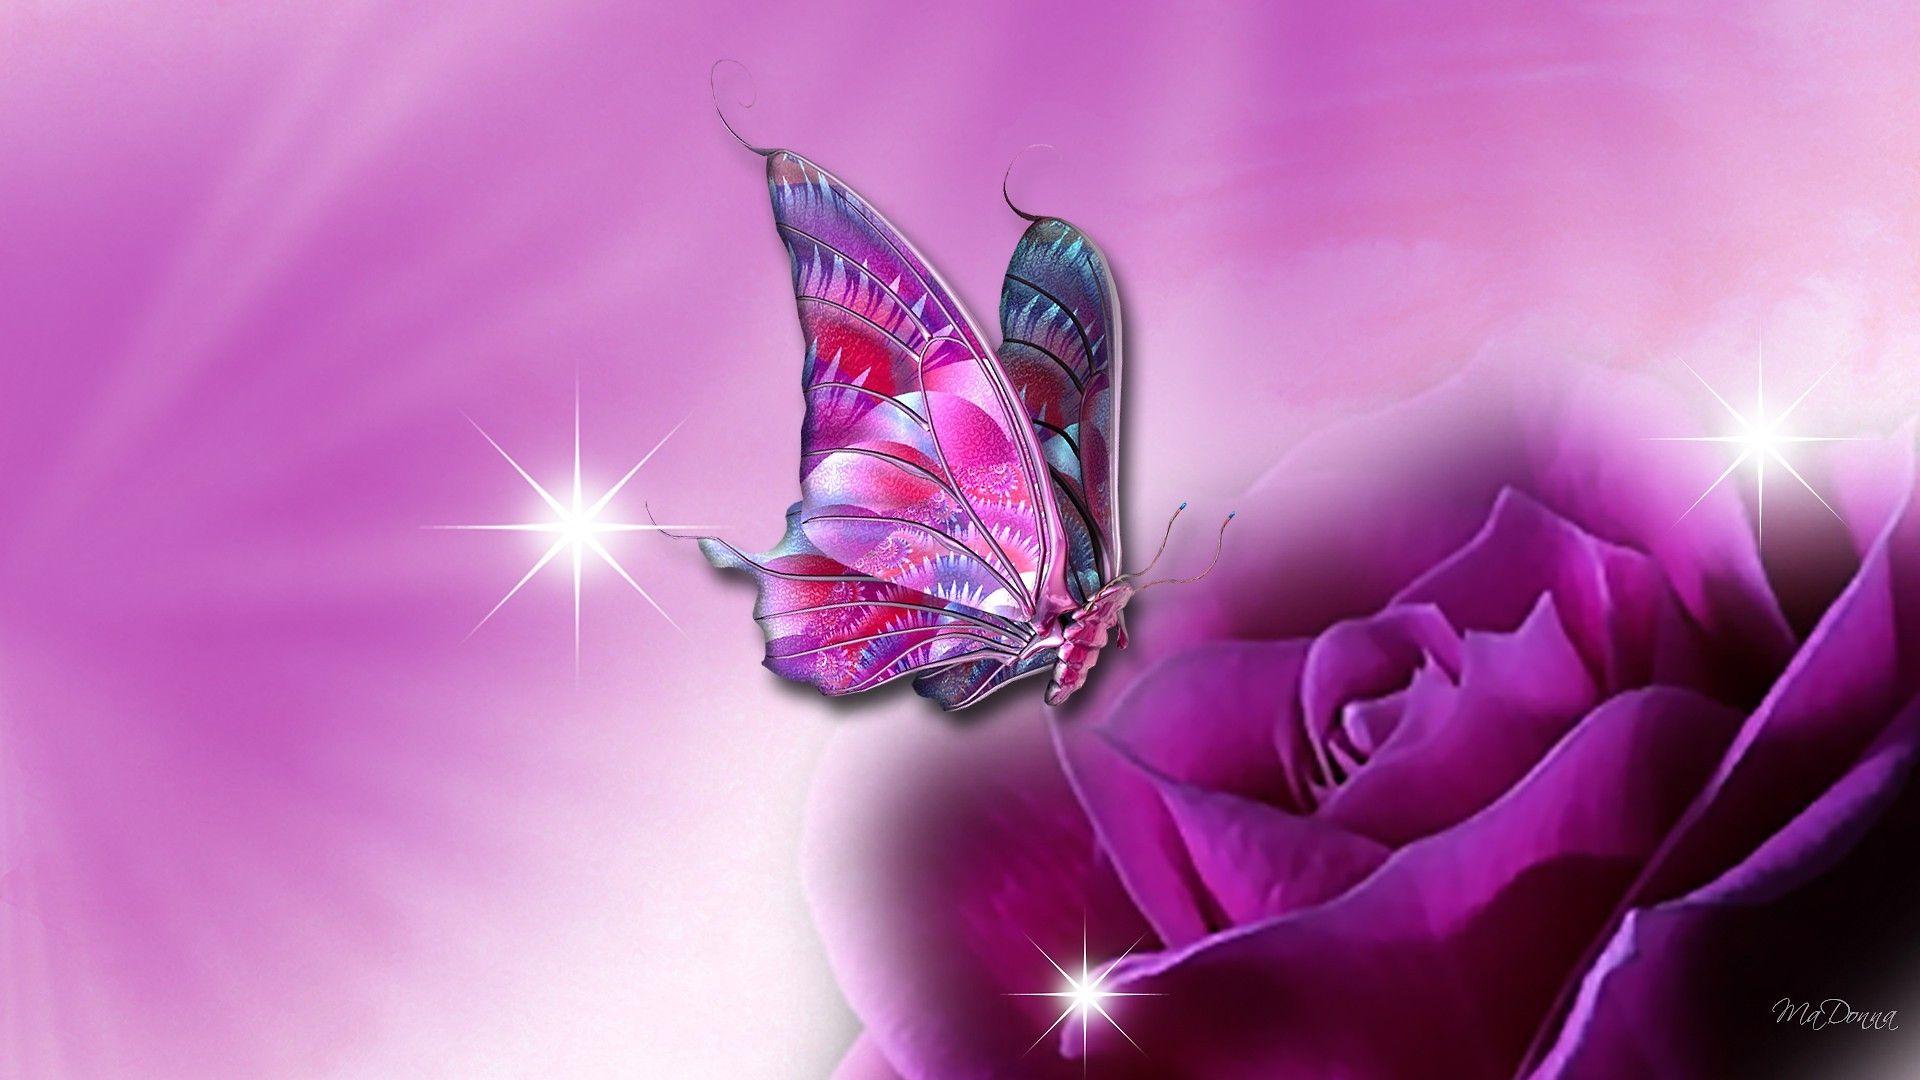 It S Just Me Butterfly Wallpaper Beautiful Butterflies Purple Butterfly